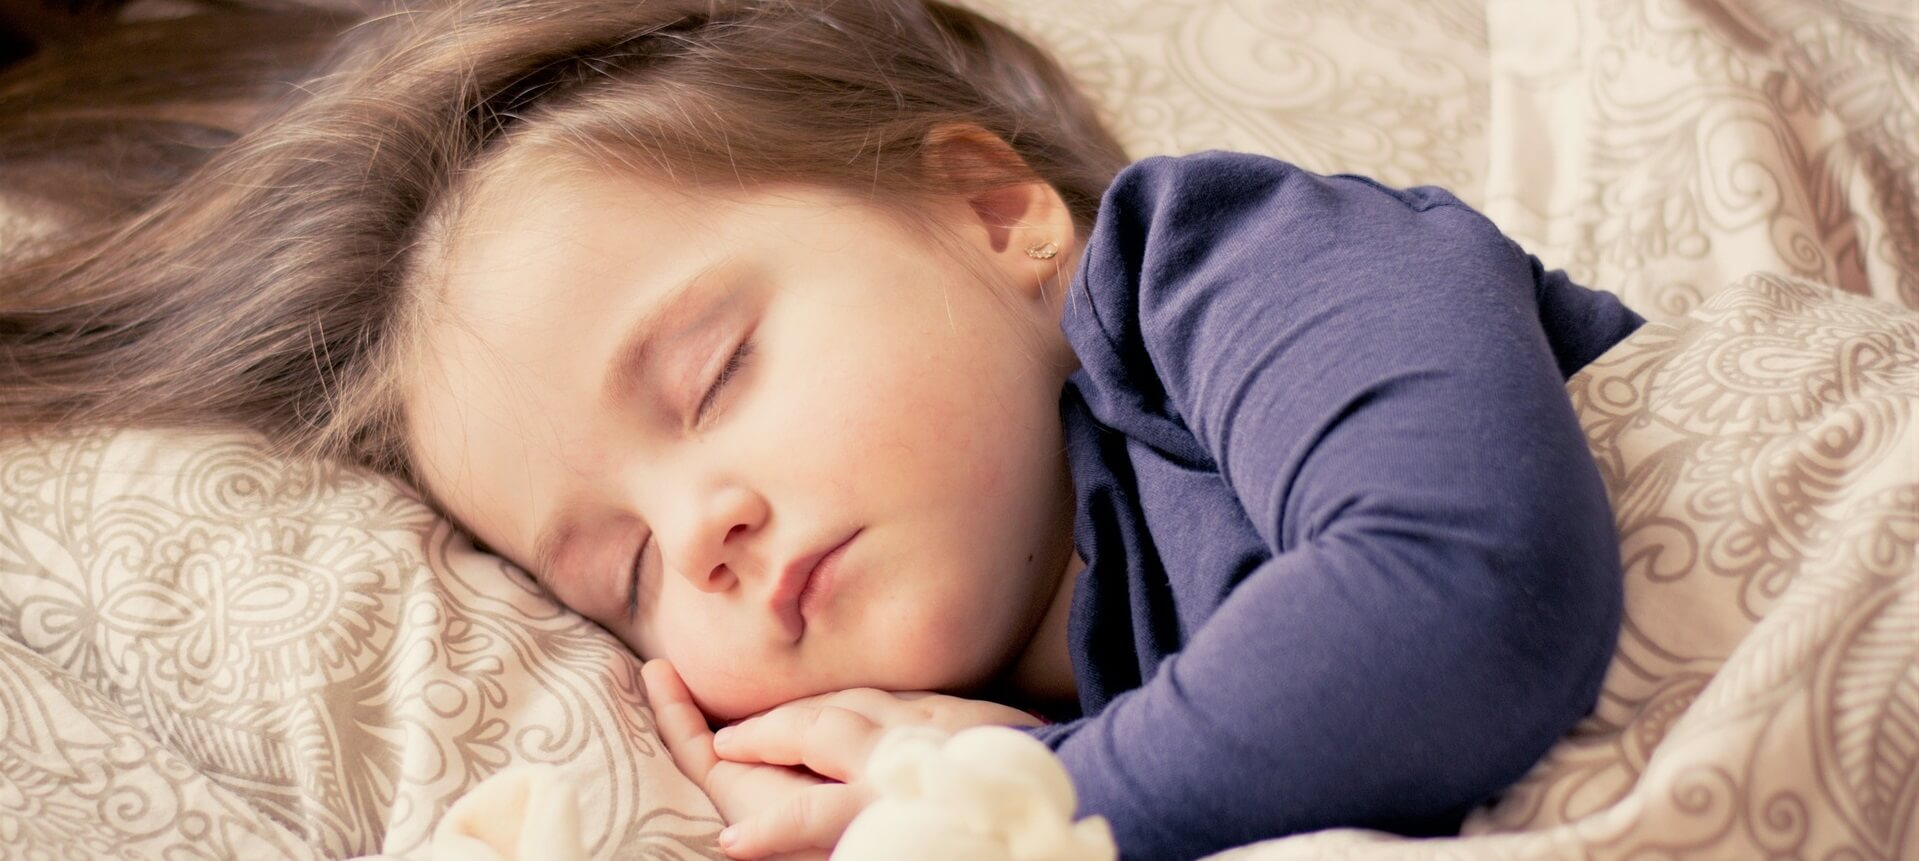 Schlafendes Kind Harmonie Hotelversicherung